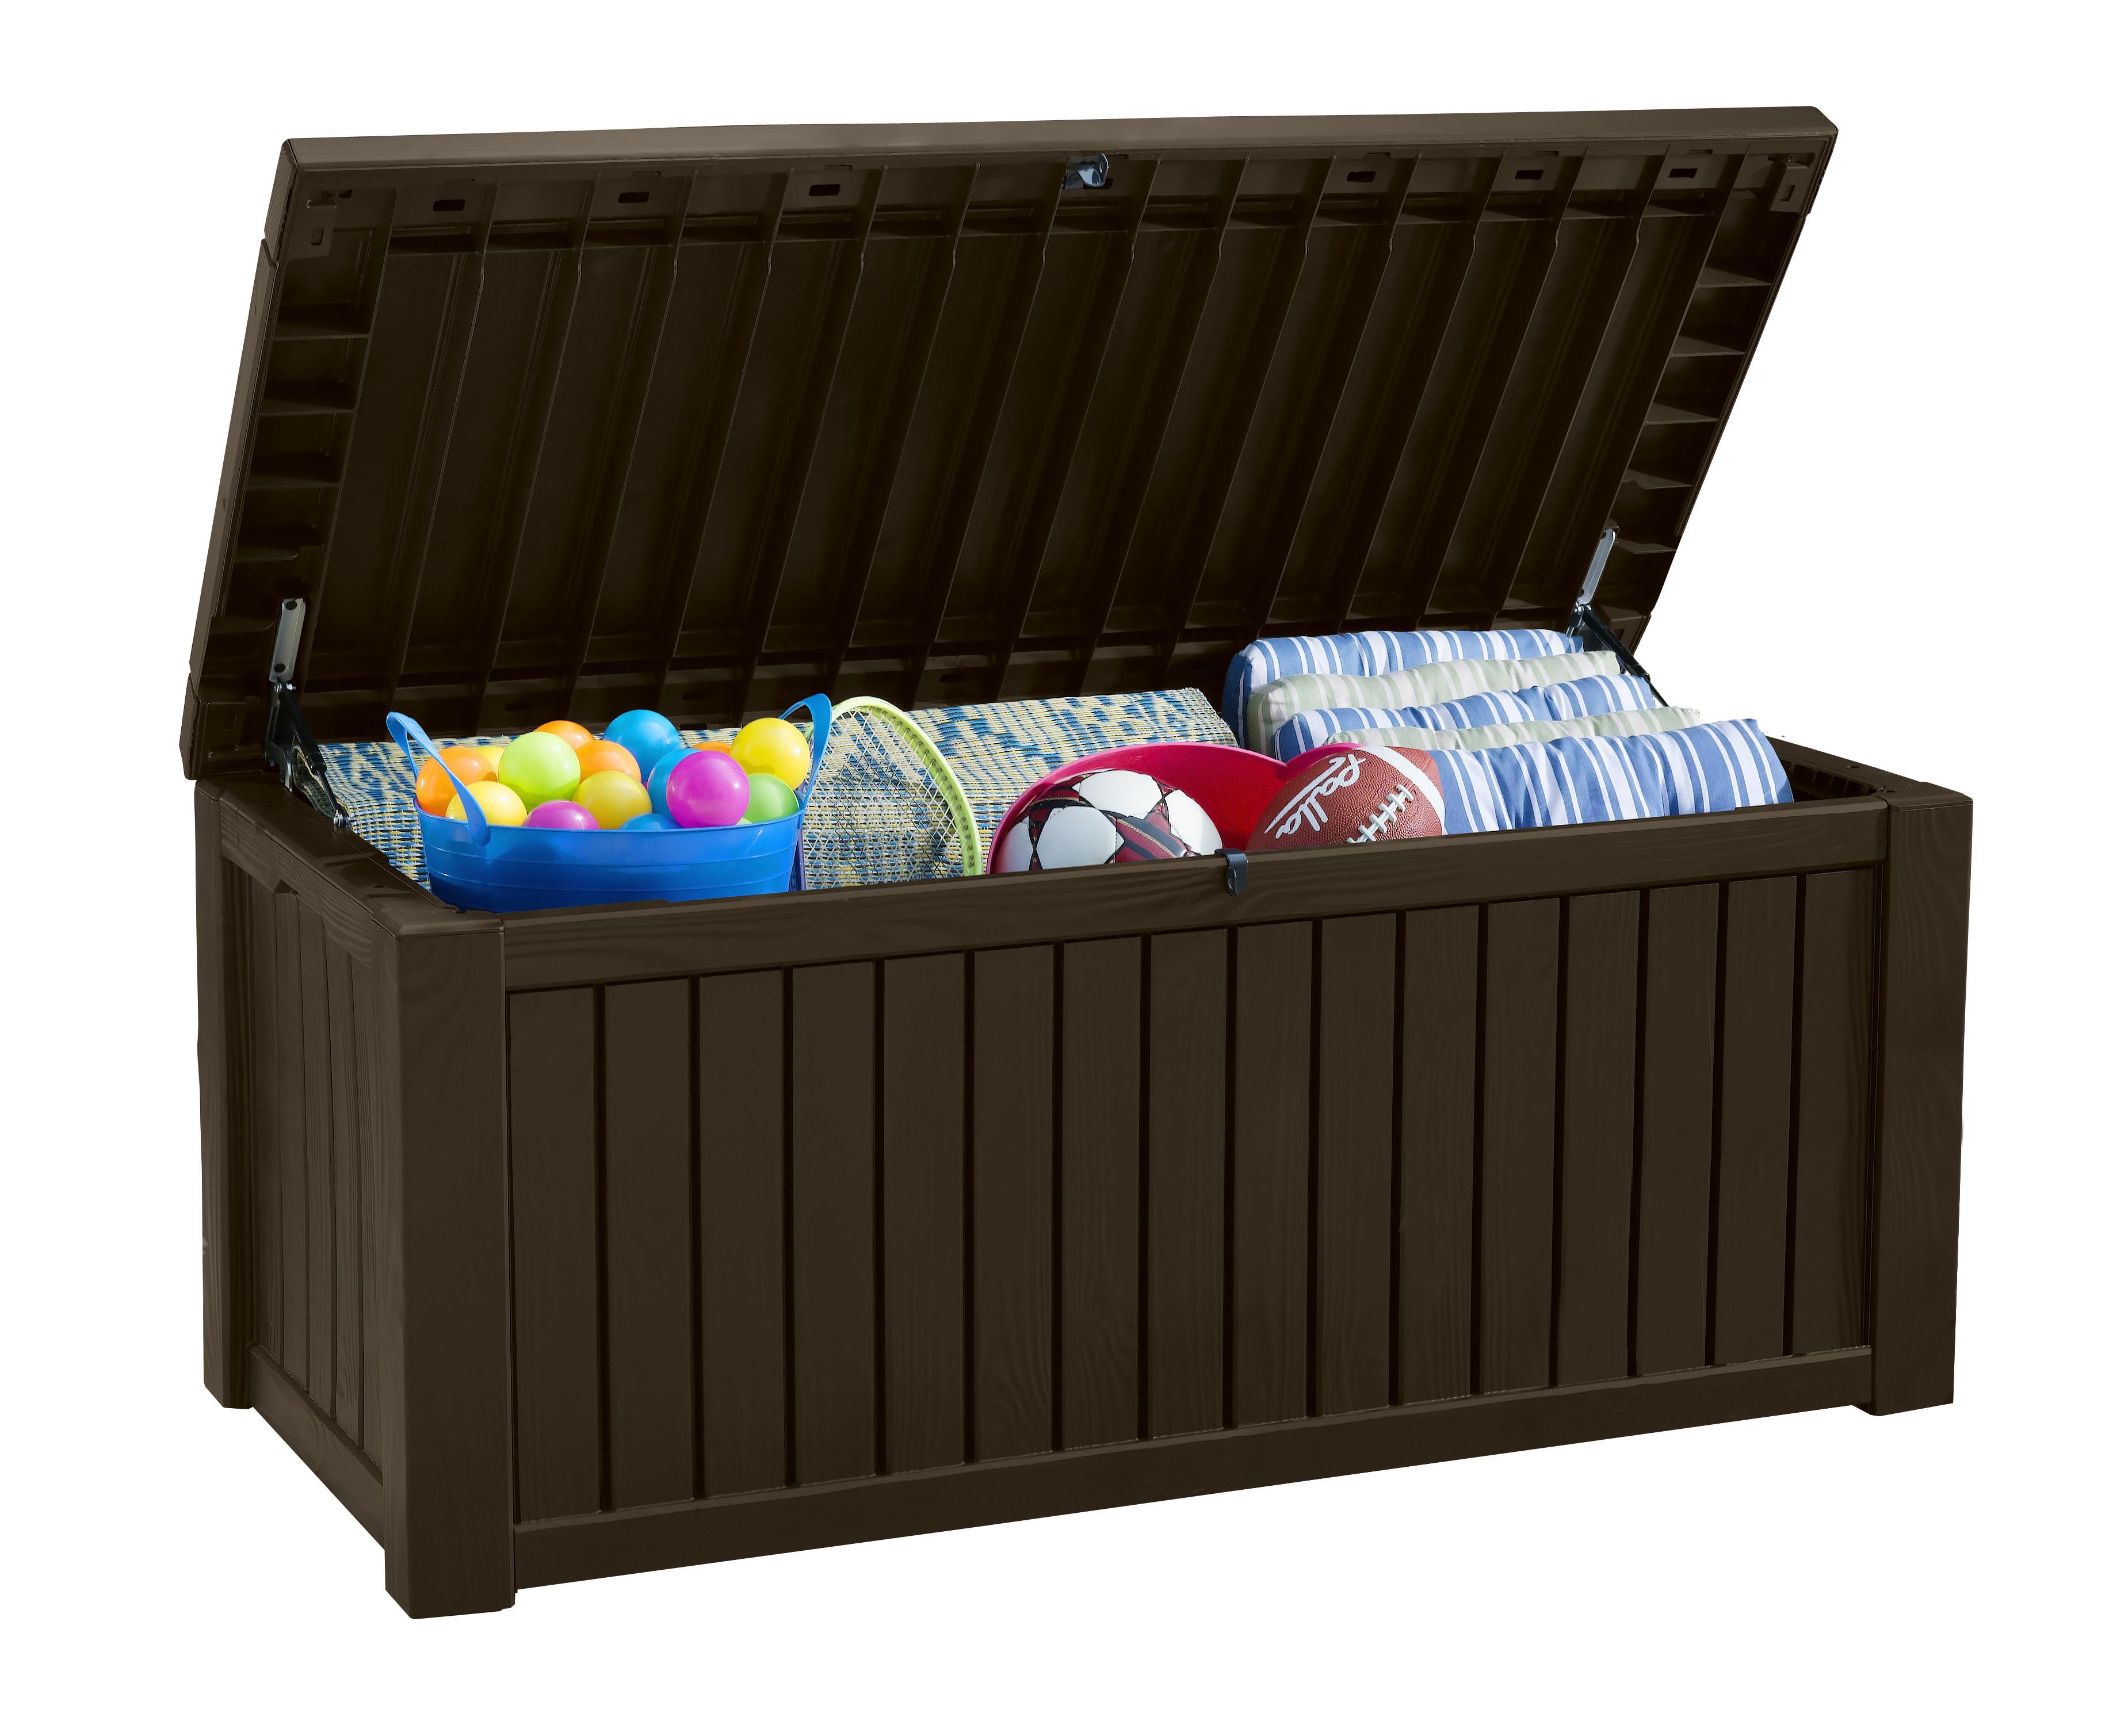 Amazon Com Keter Rockwood Plastic Deck Storage Container Box Outdoor Patio Garden